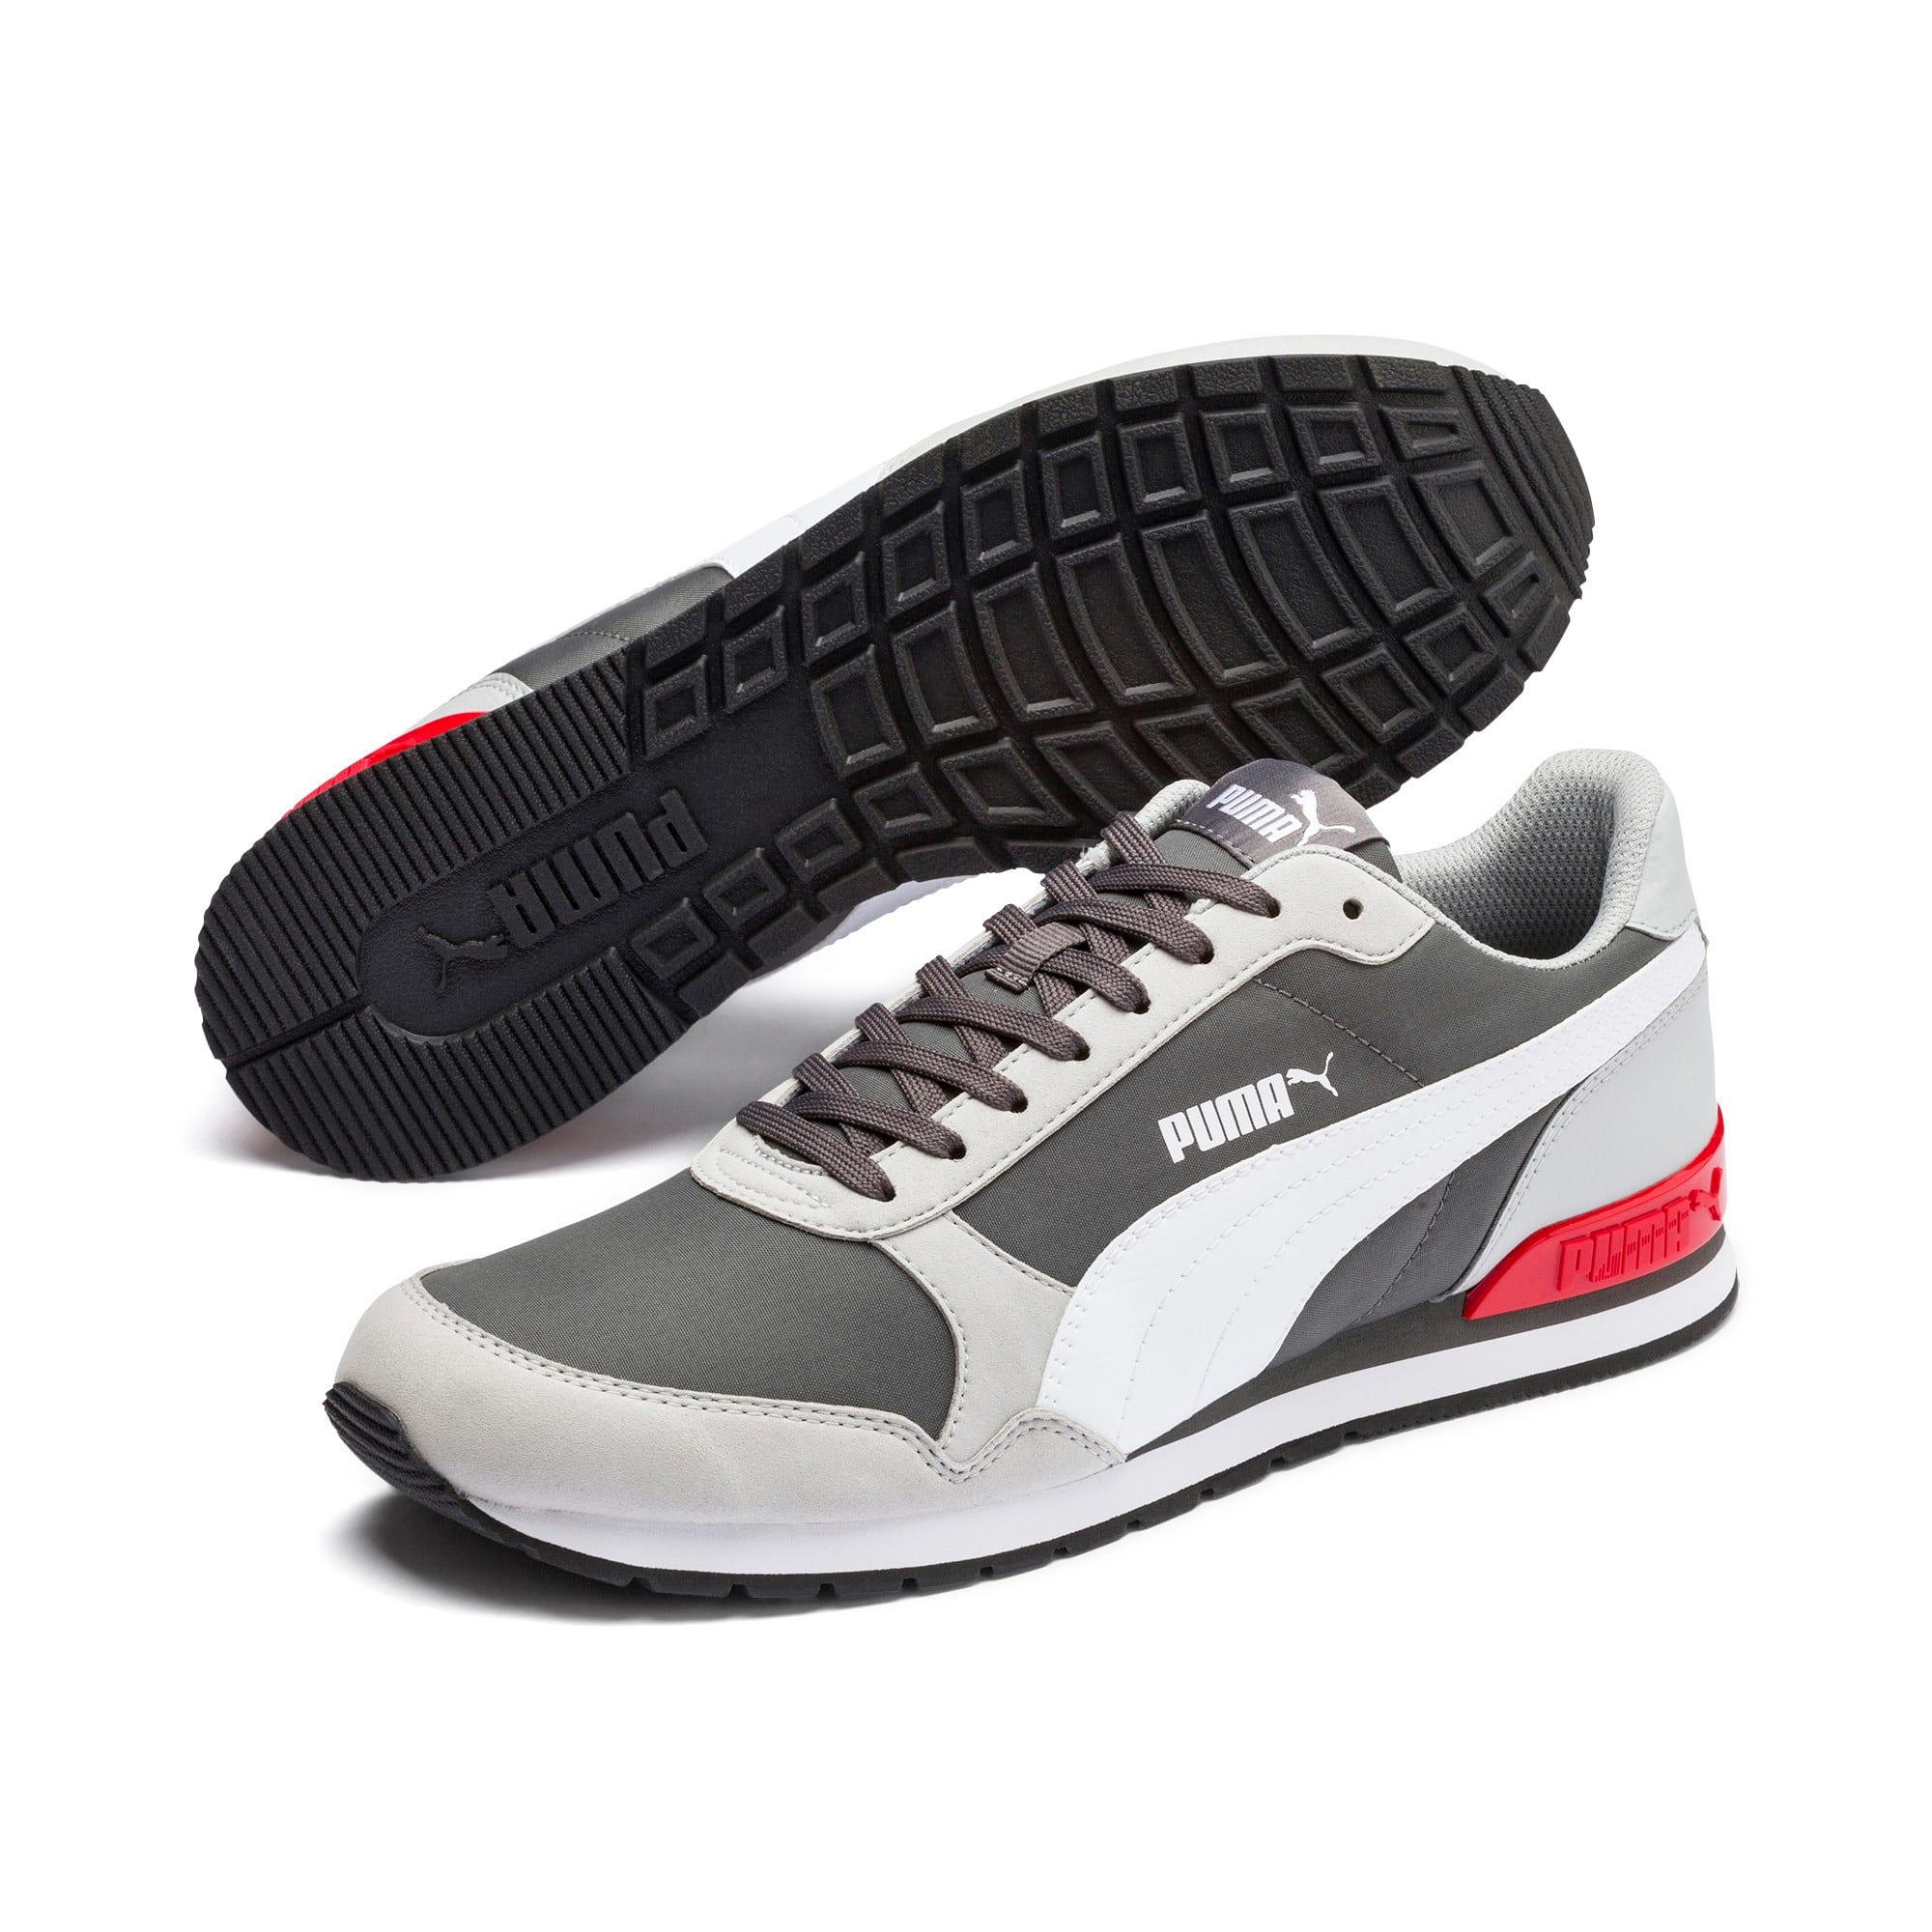 Thumbnail 3 of ST Runner v2 Sneakers, CASTLEROCK-High Rise, medium